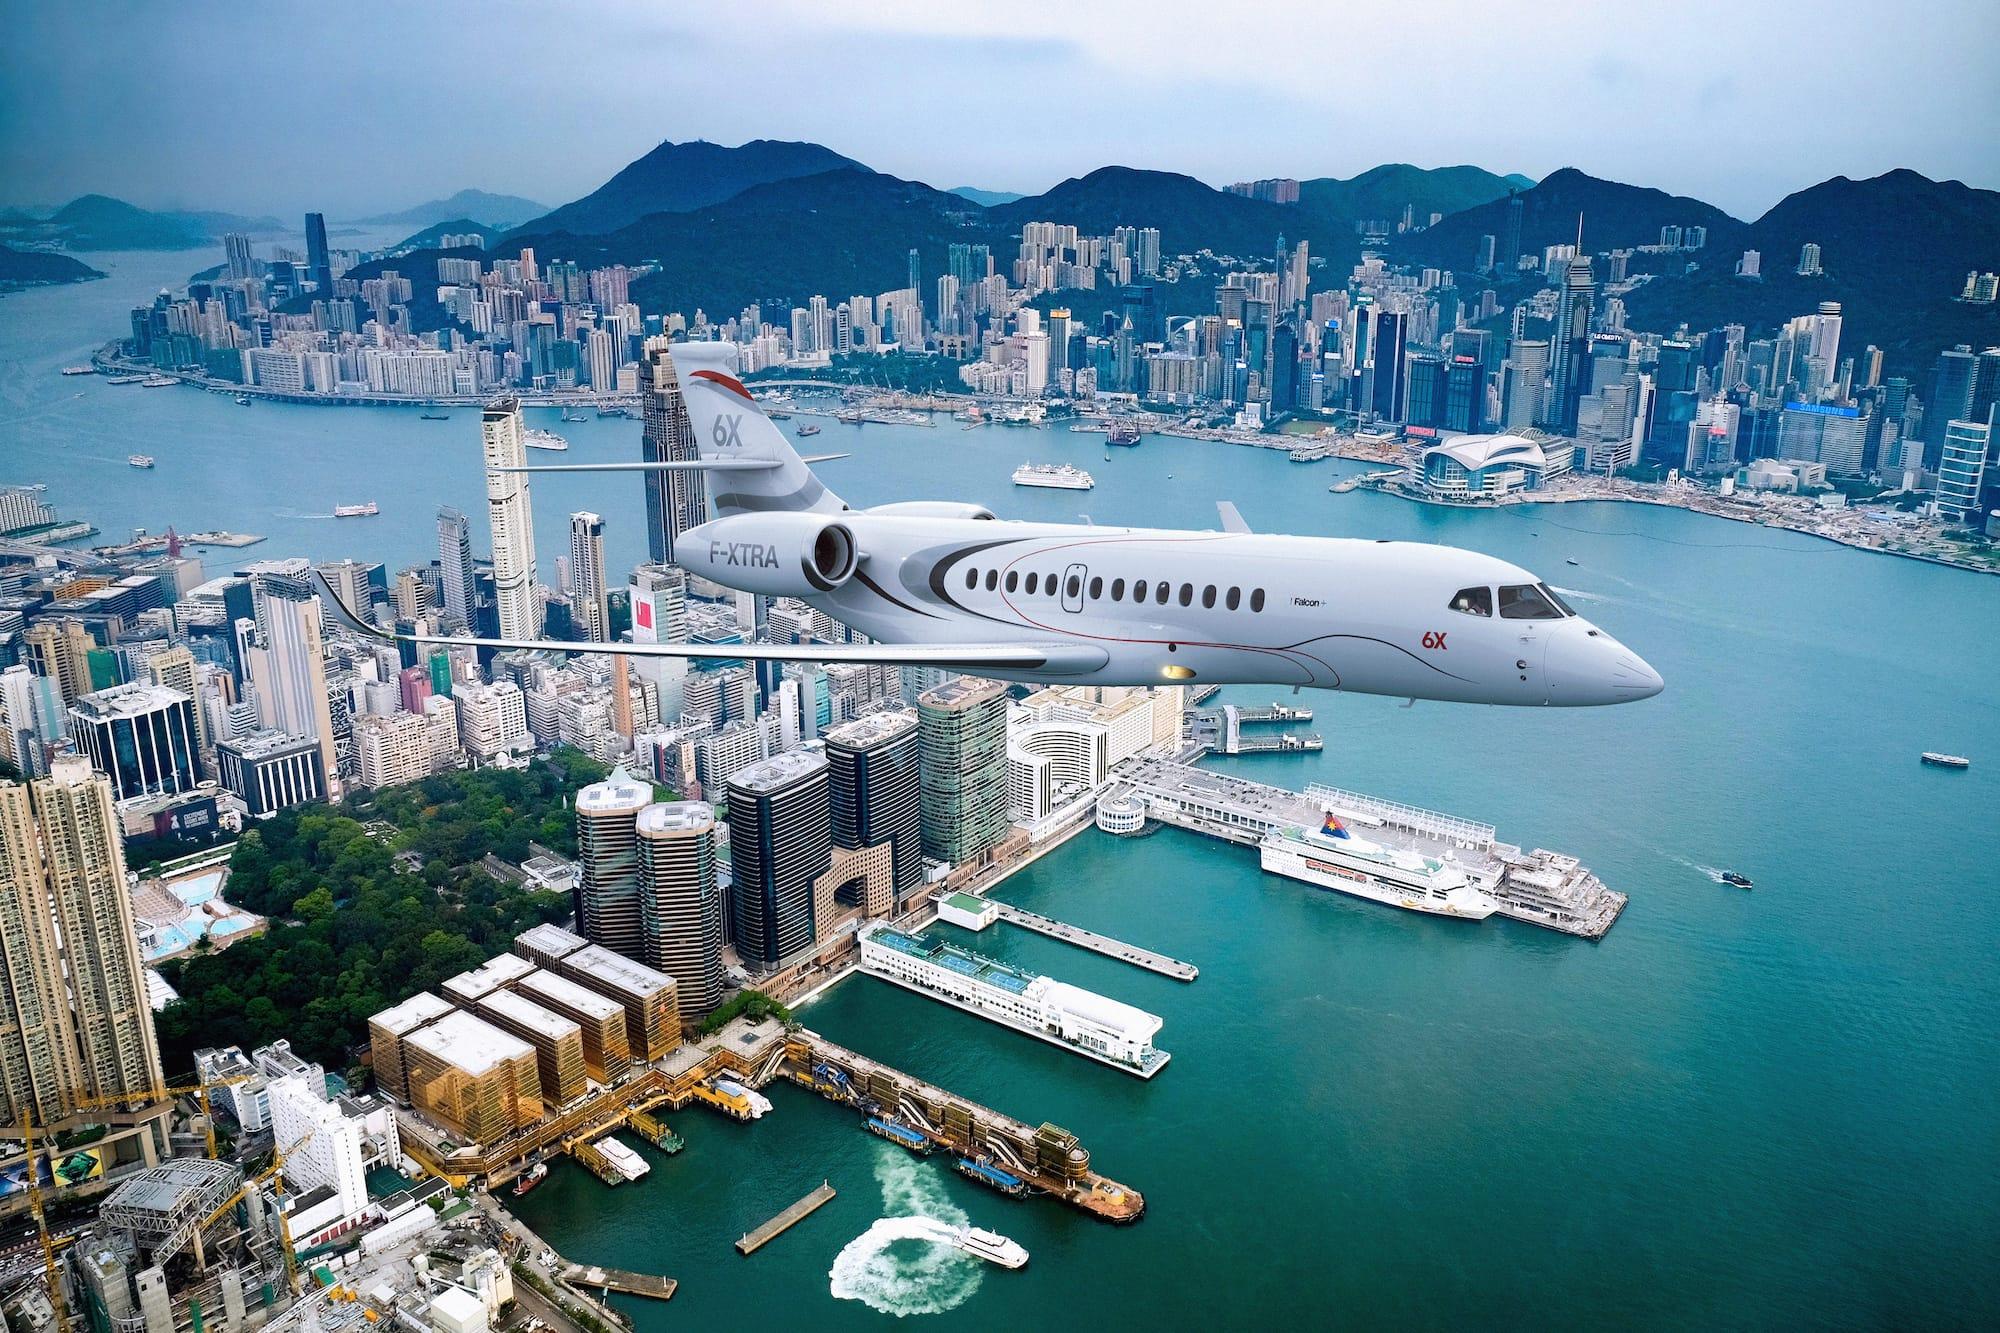 Der Dassault Aviation Falcon 6X: Dieser neue Business Jet kann nonstop von LA nach Genf fliegen 1